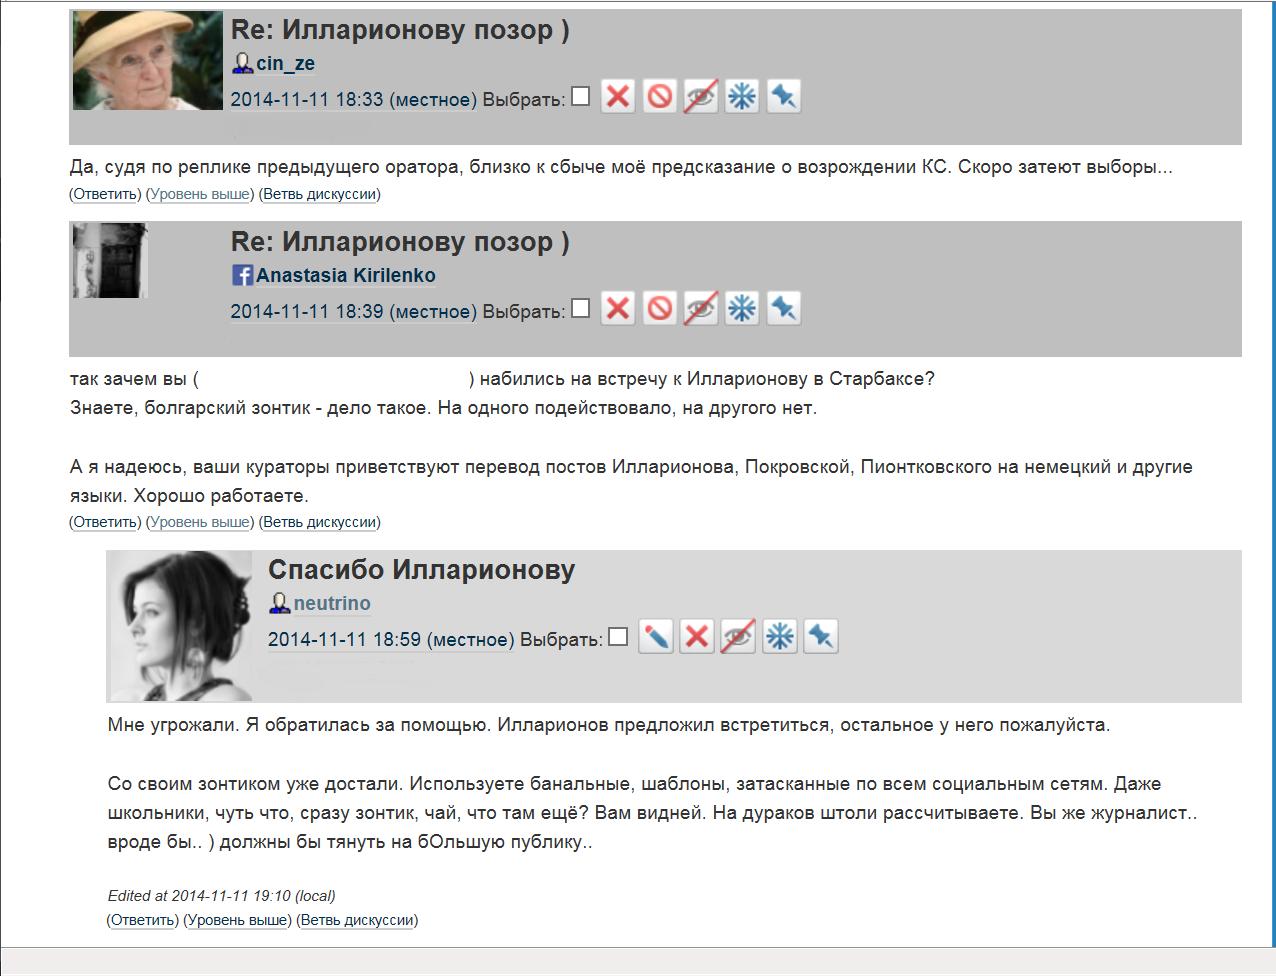 Кириленко А. распространяет личную информацию